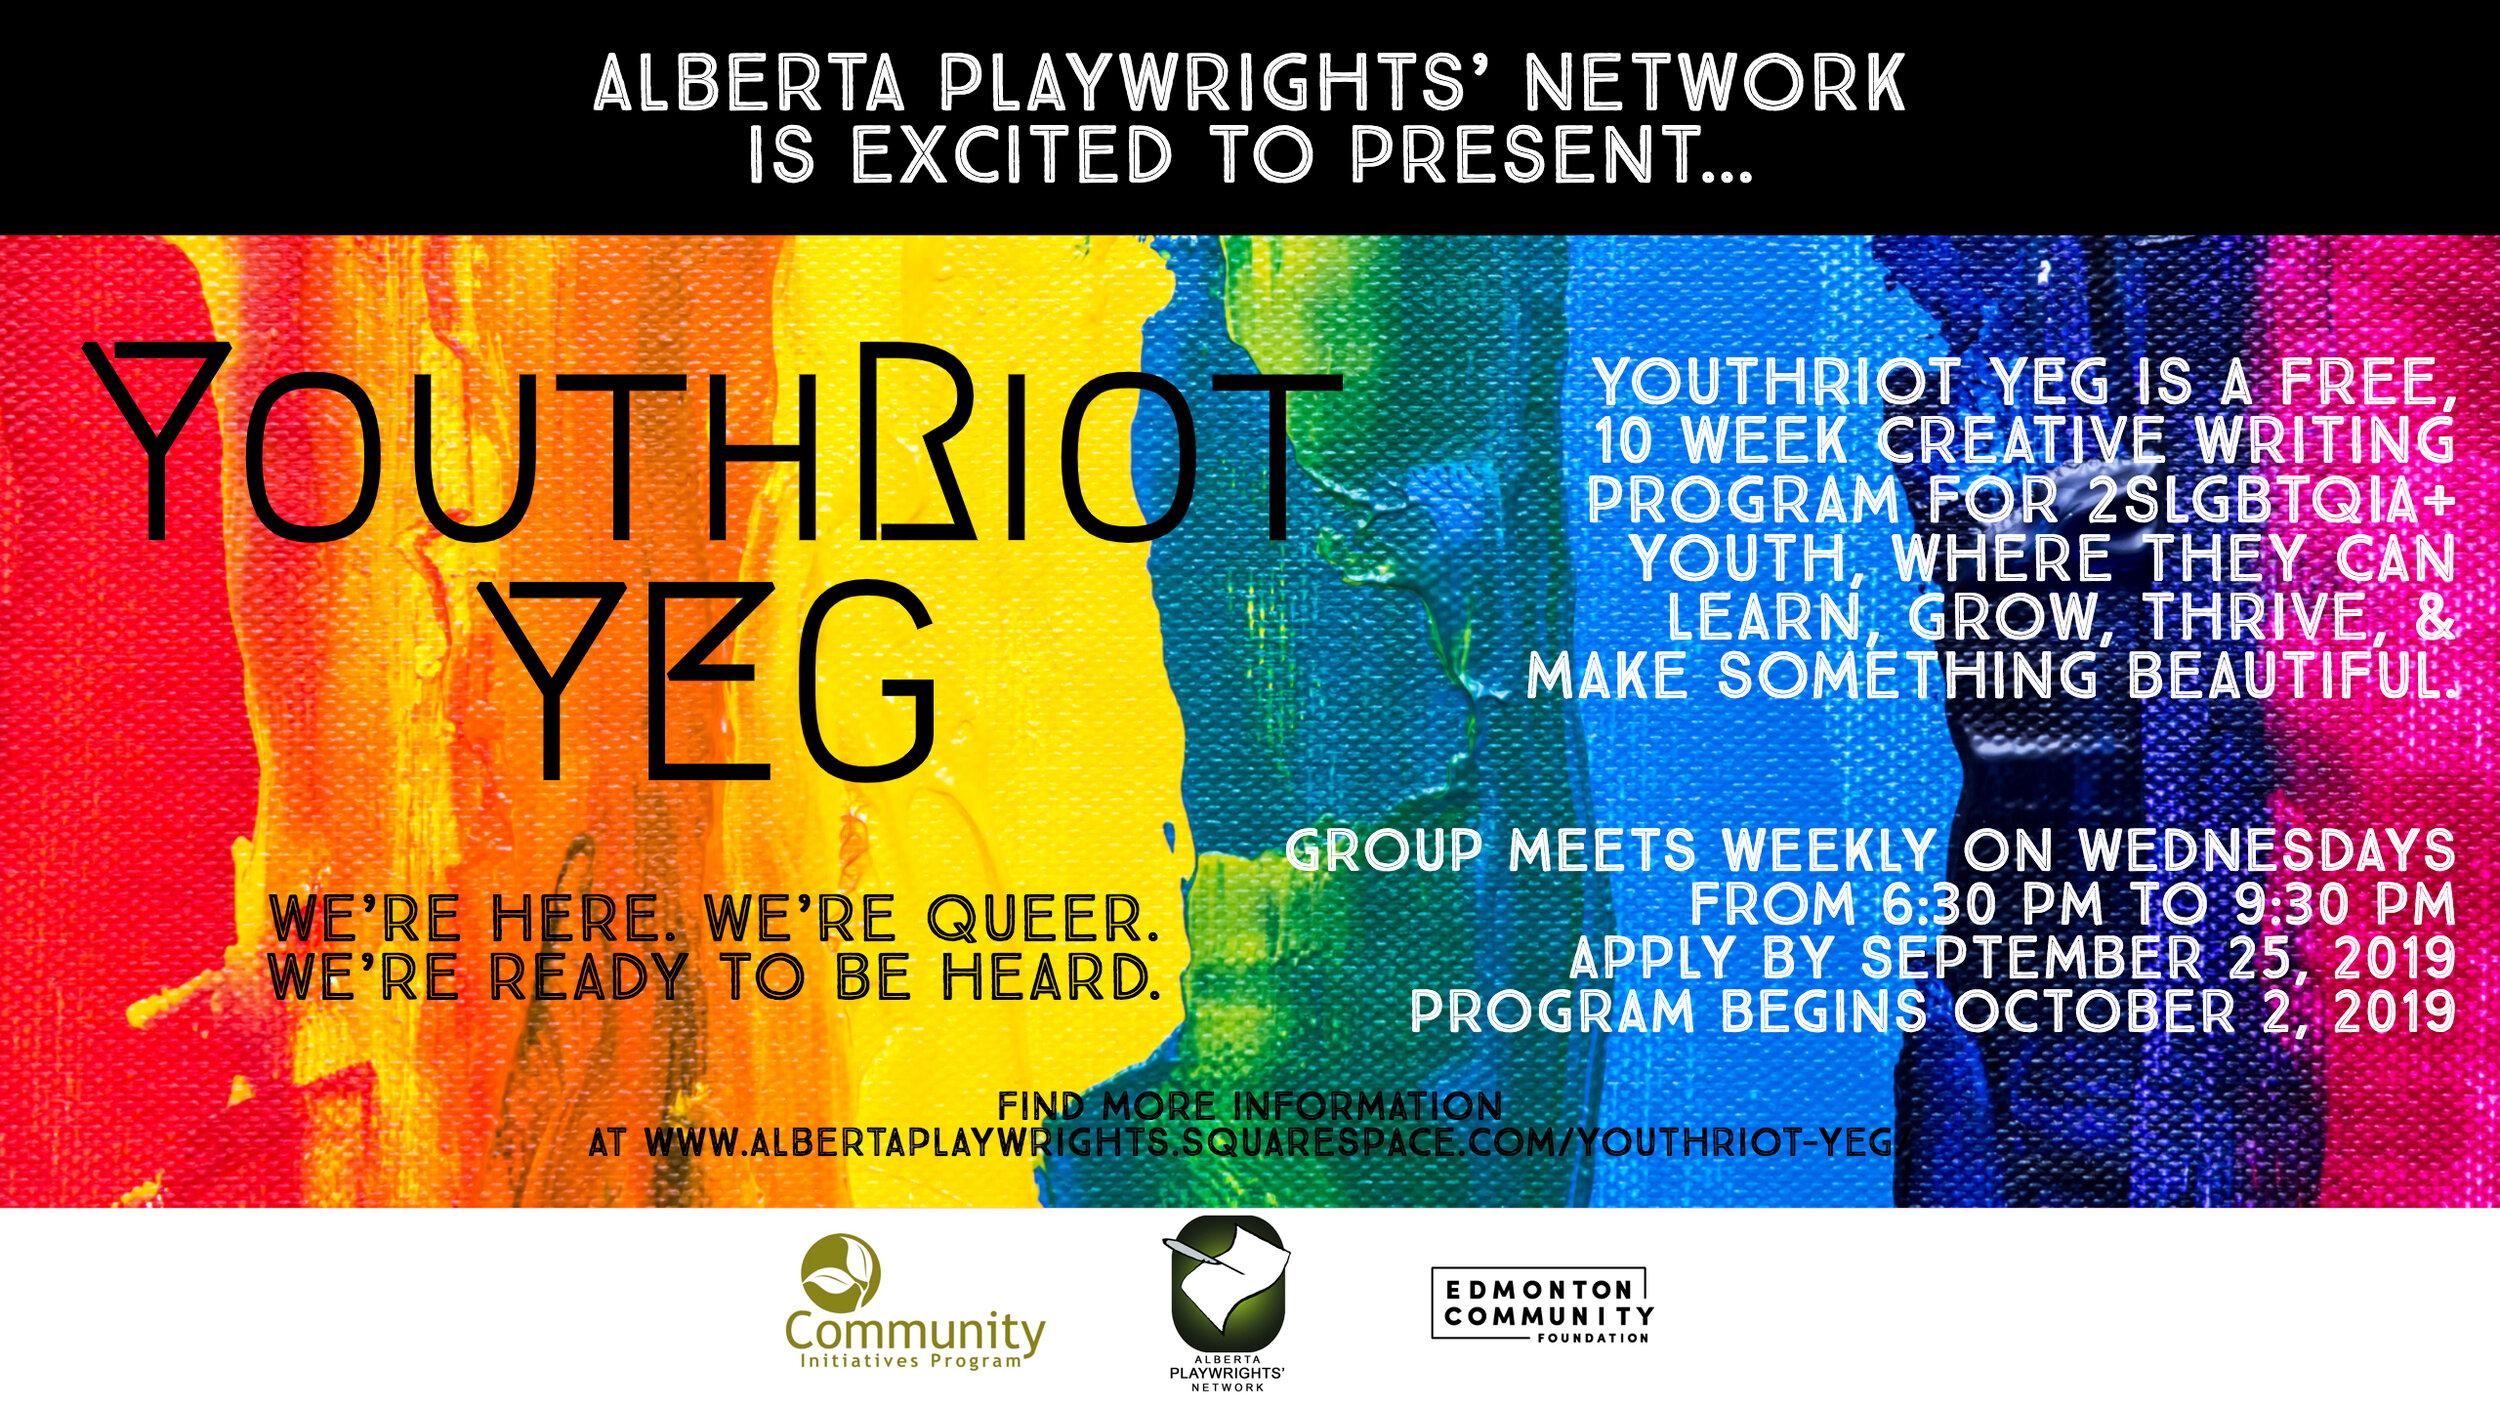 YouthRiot YEG 2.jpg